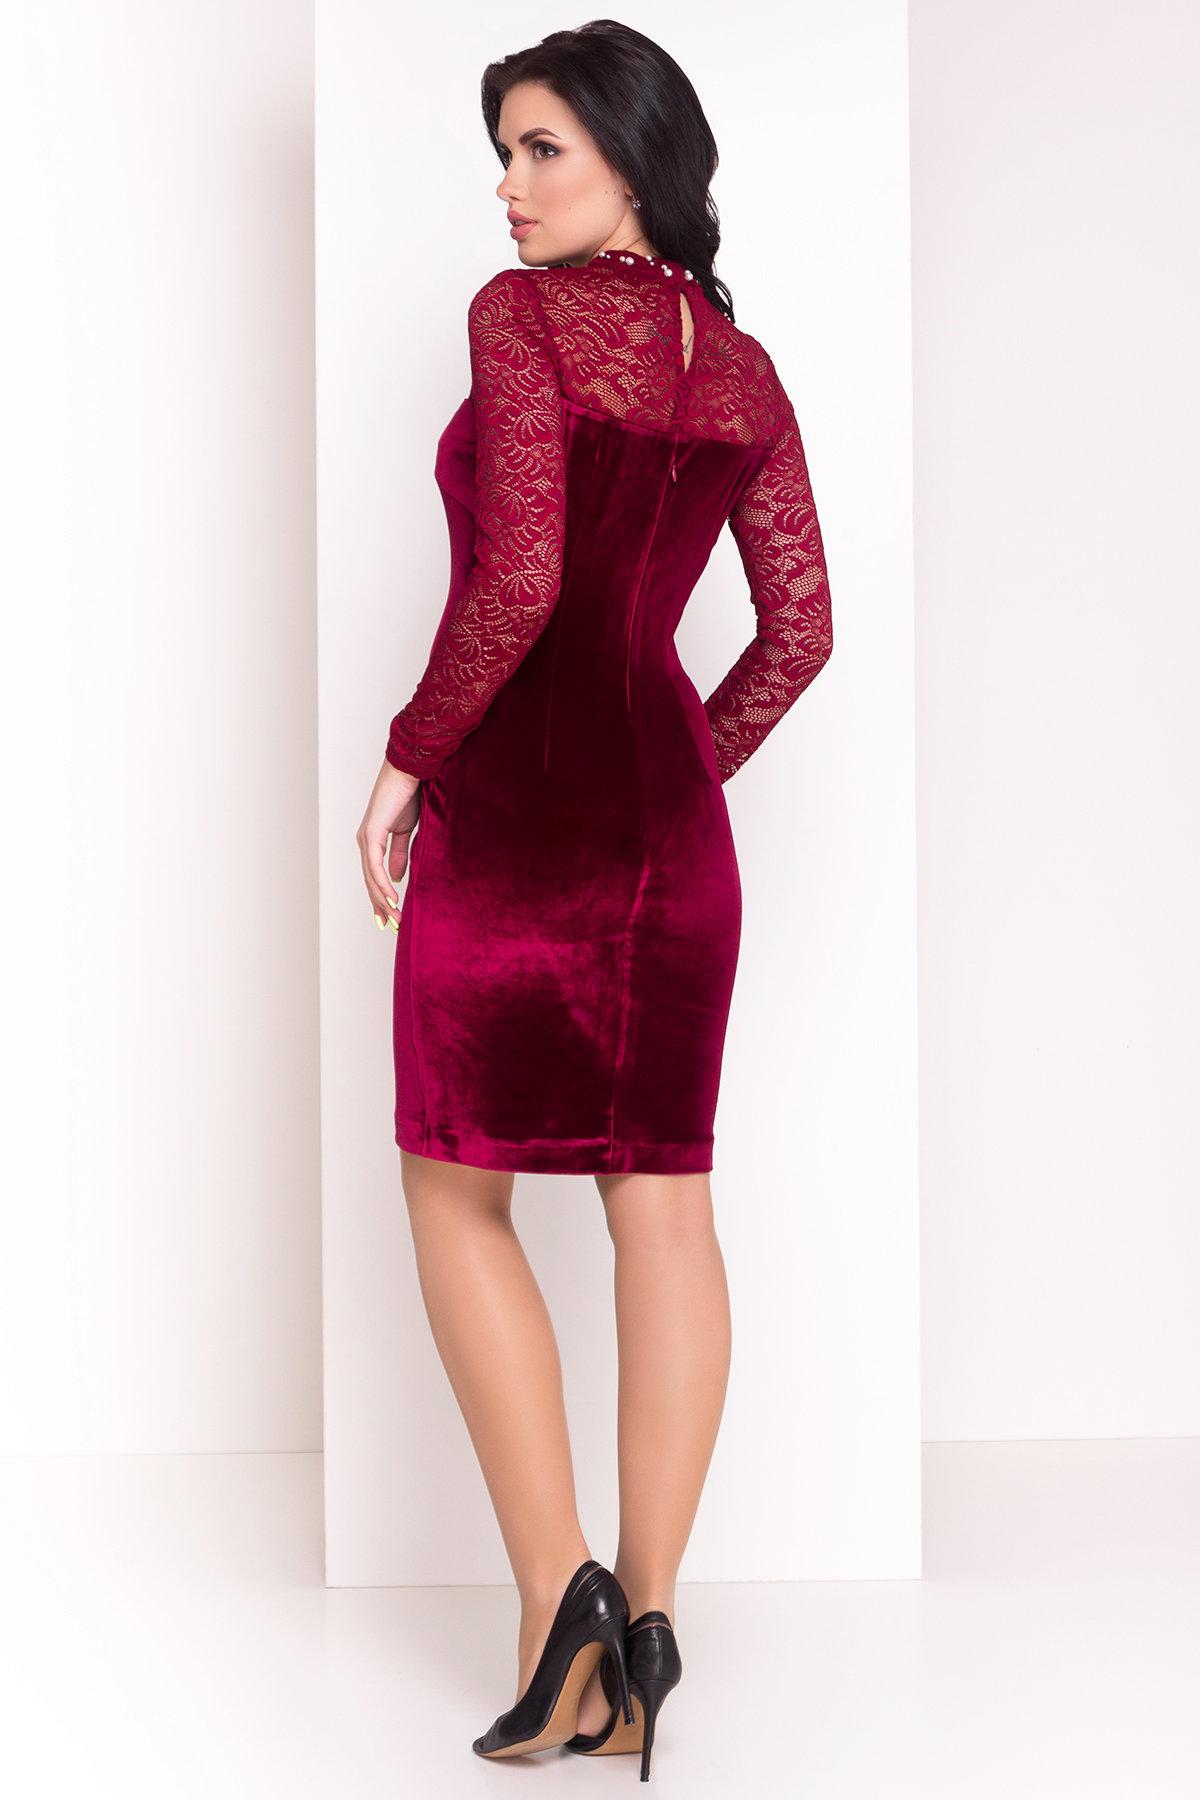 Платье Гоже 4185 АРТ. 20645 Цвет: Марсала - фото 2, интернет магазин tm-modus.ru